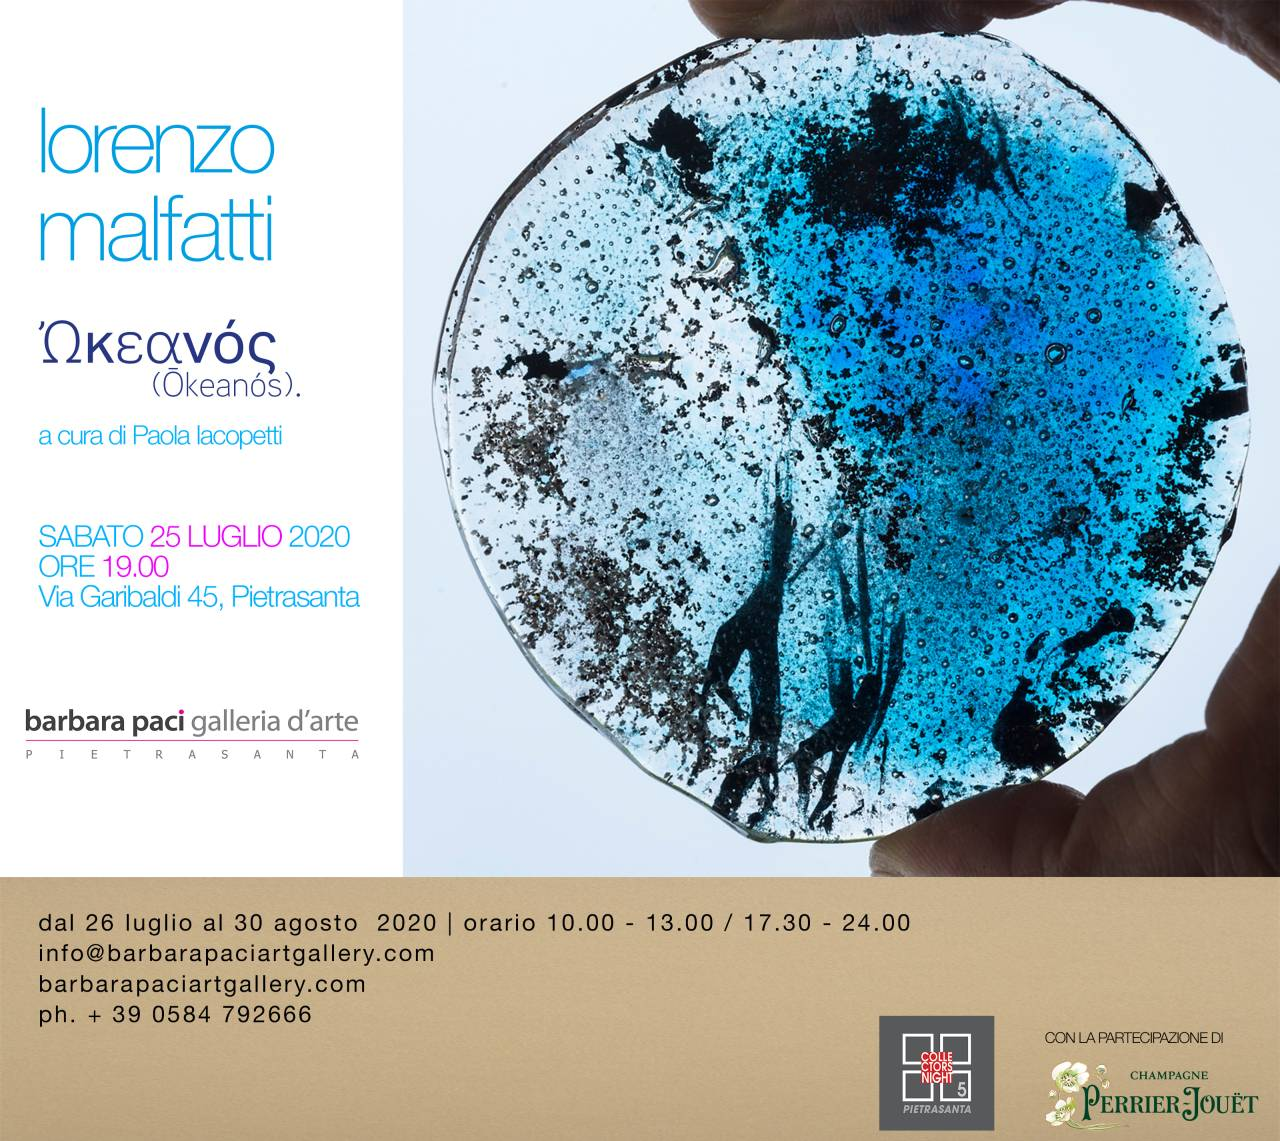 Lorenzo Malfatti - ᾿Ωκεανός (ŌkeanÓs). - 25 Luglio - Galleria d